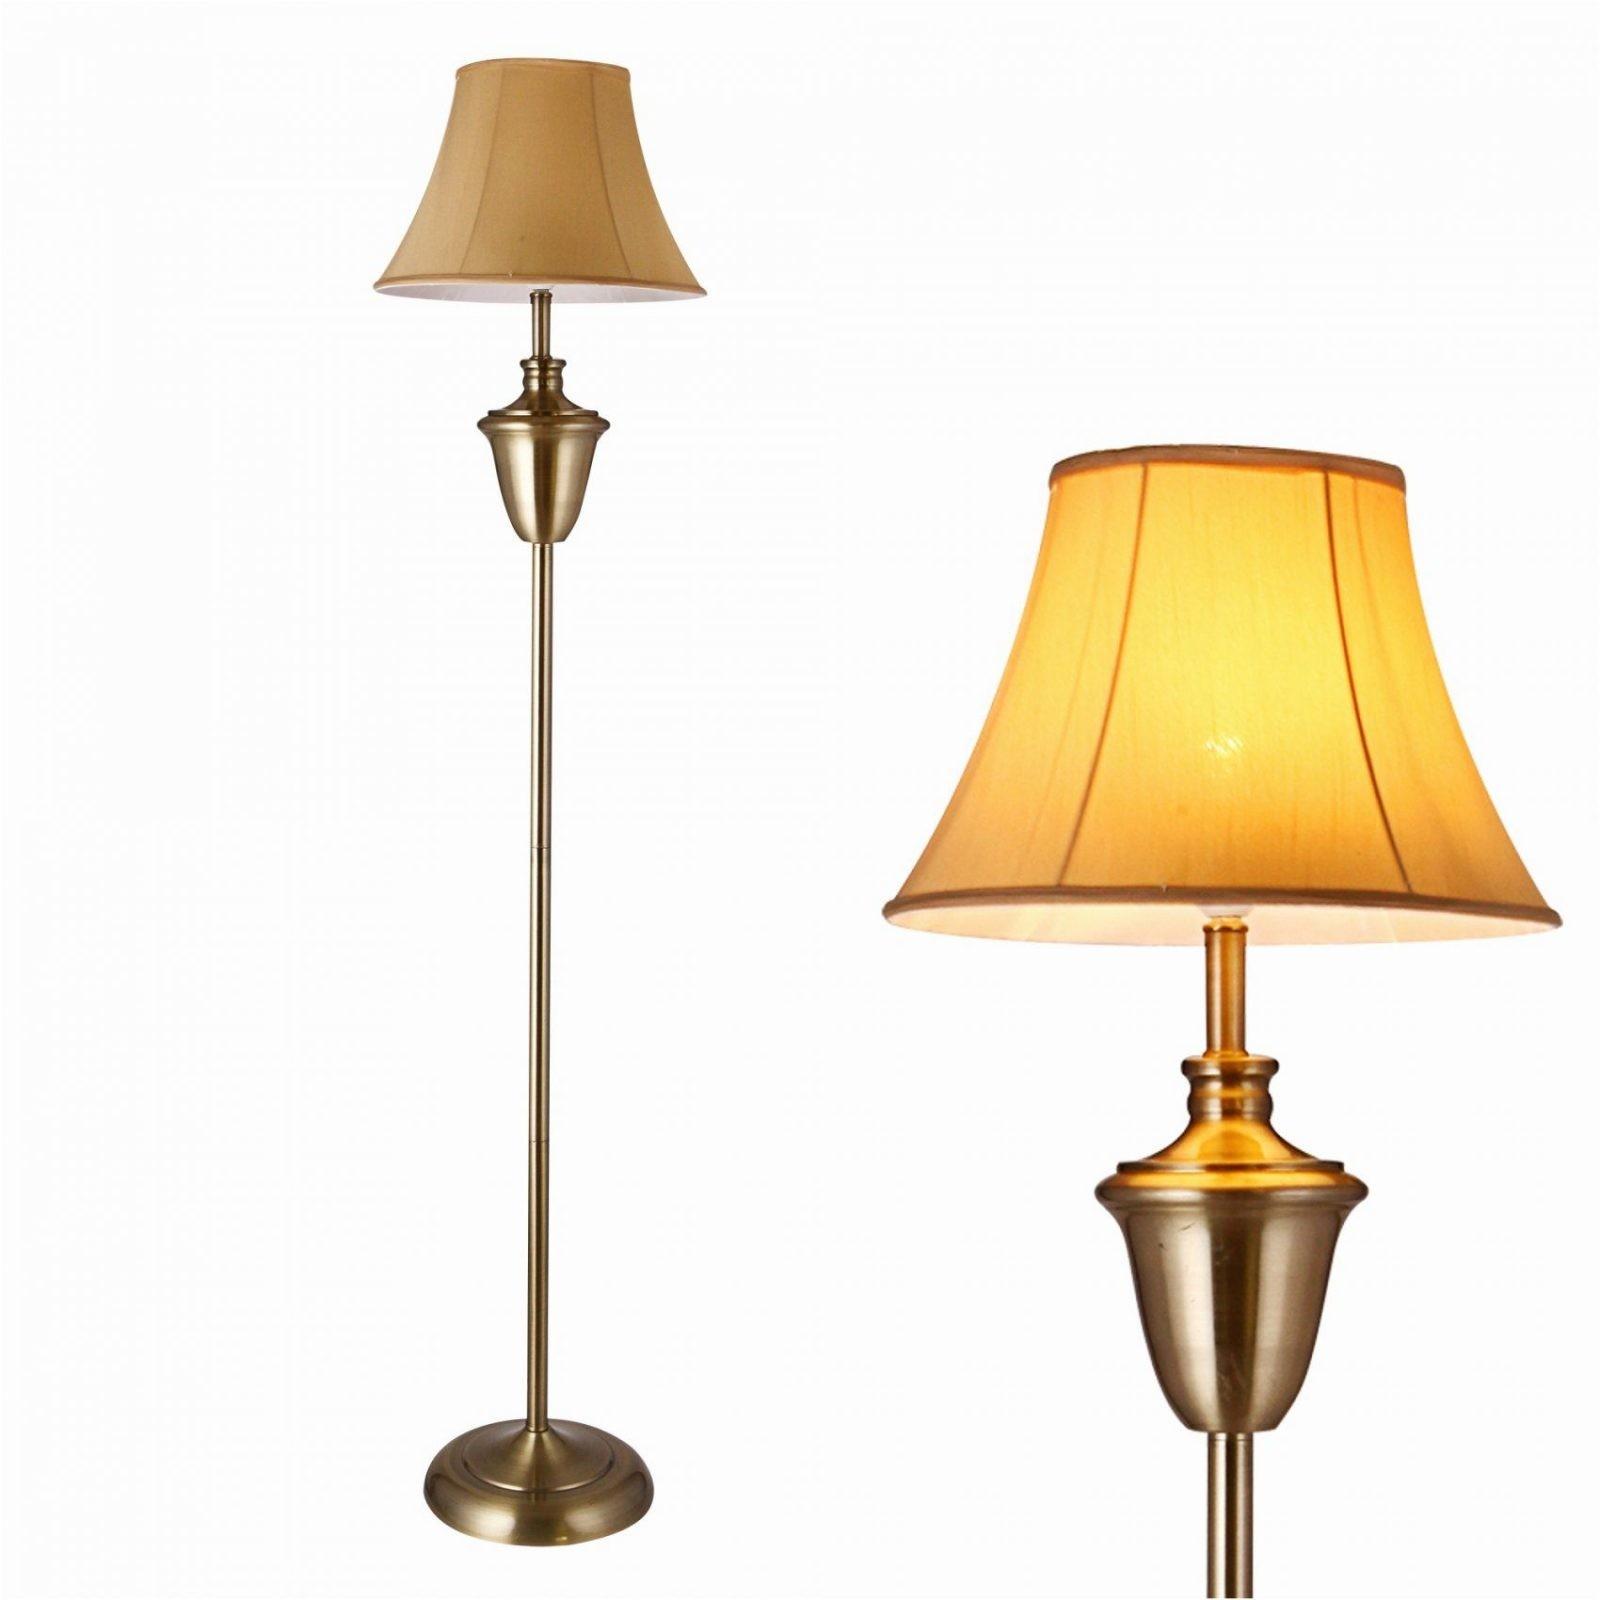 Lampe Mit Mehreren Schirmen Inspirierend Hängelampe Big Glow Kupfer von Lampe Mit Mehreren Schirmen Bild